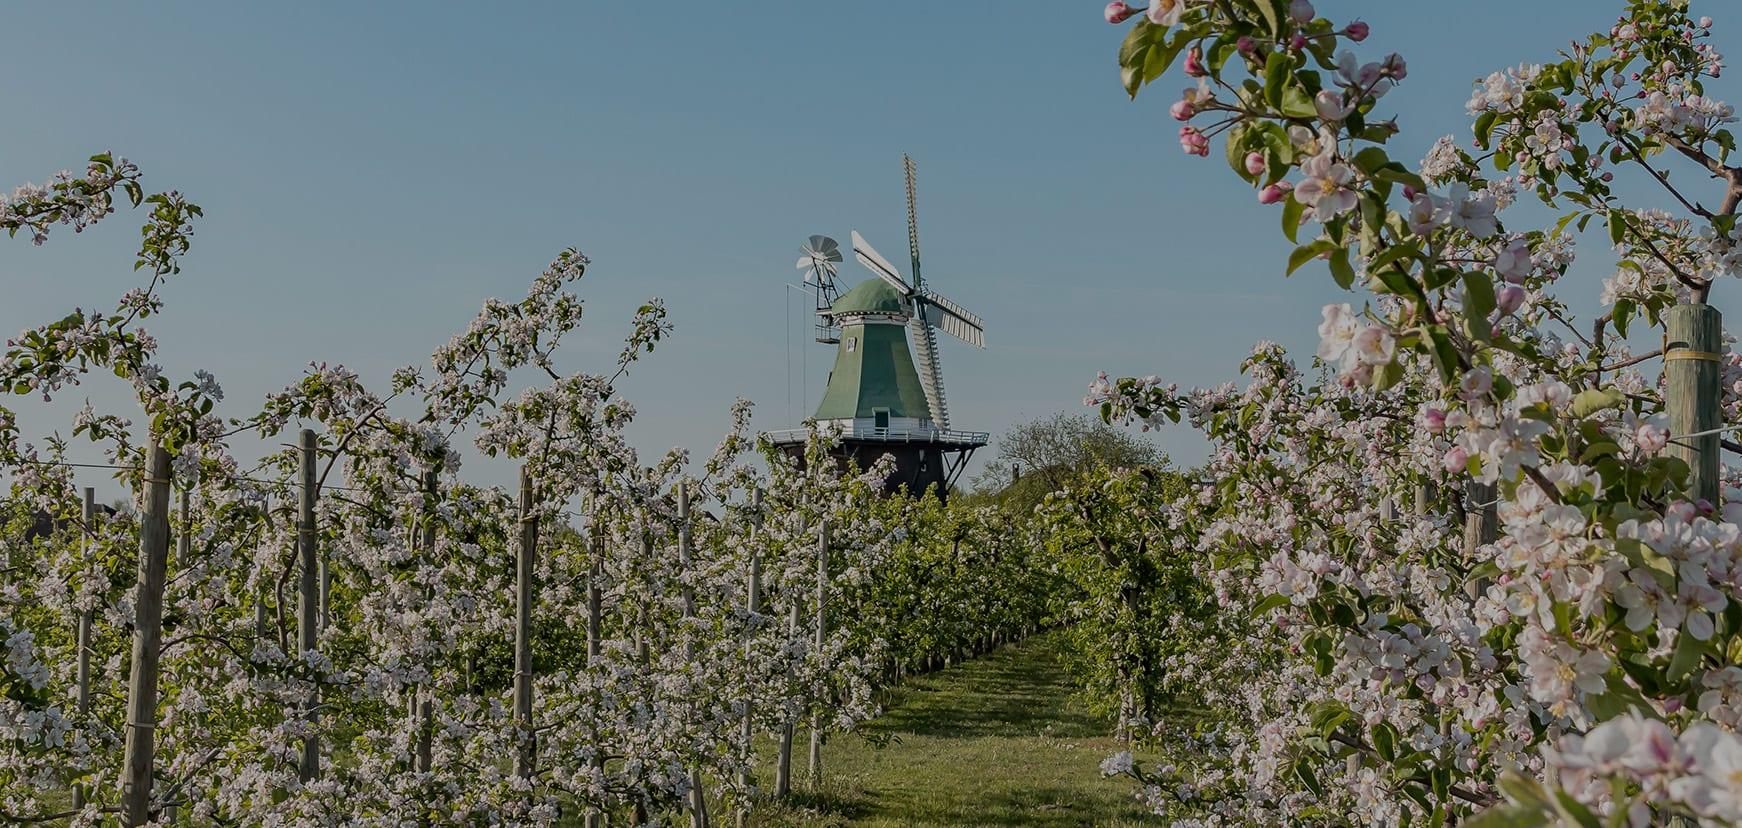 Windmühle Venti Amica in Apfelblüte im Alten Land